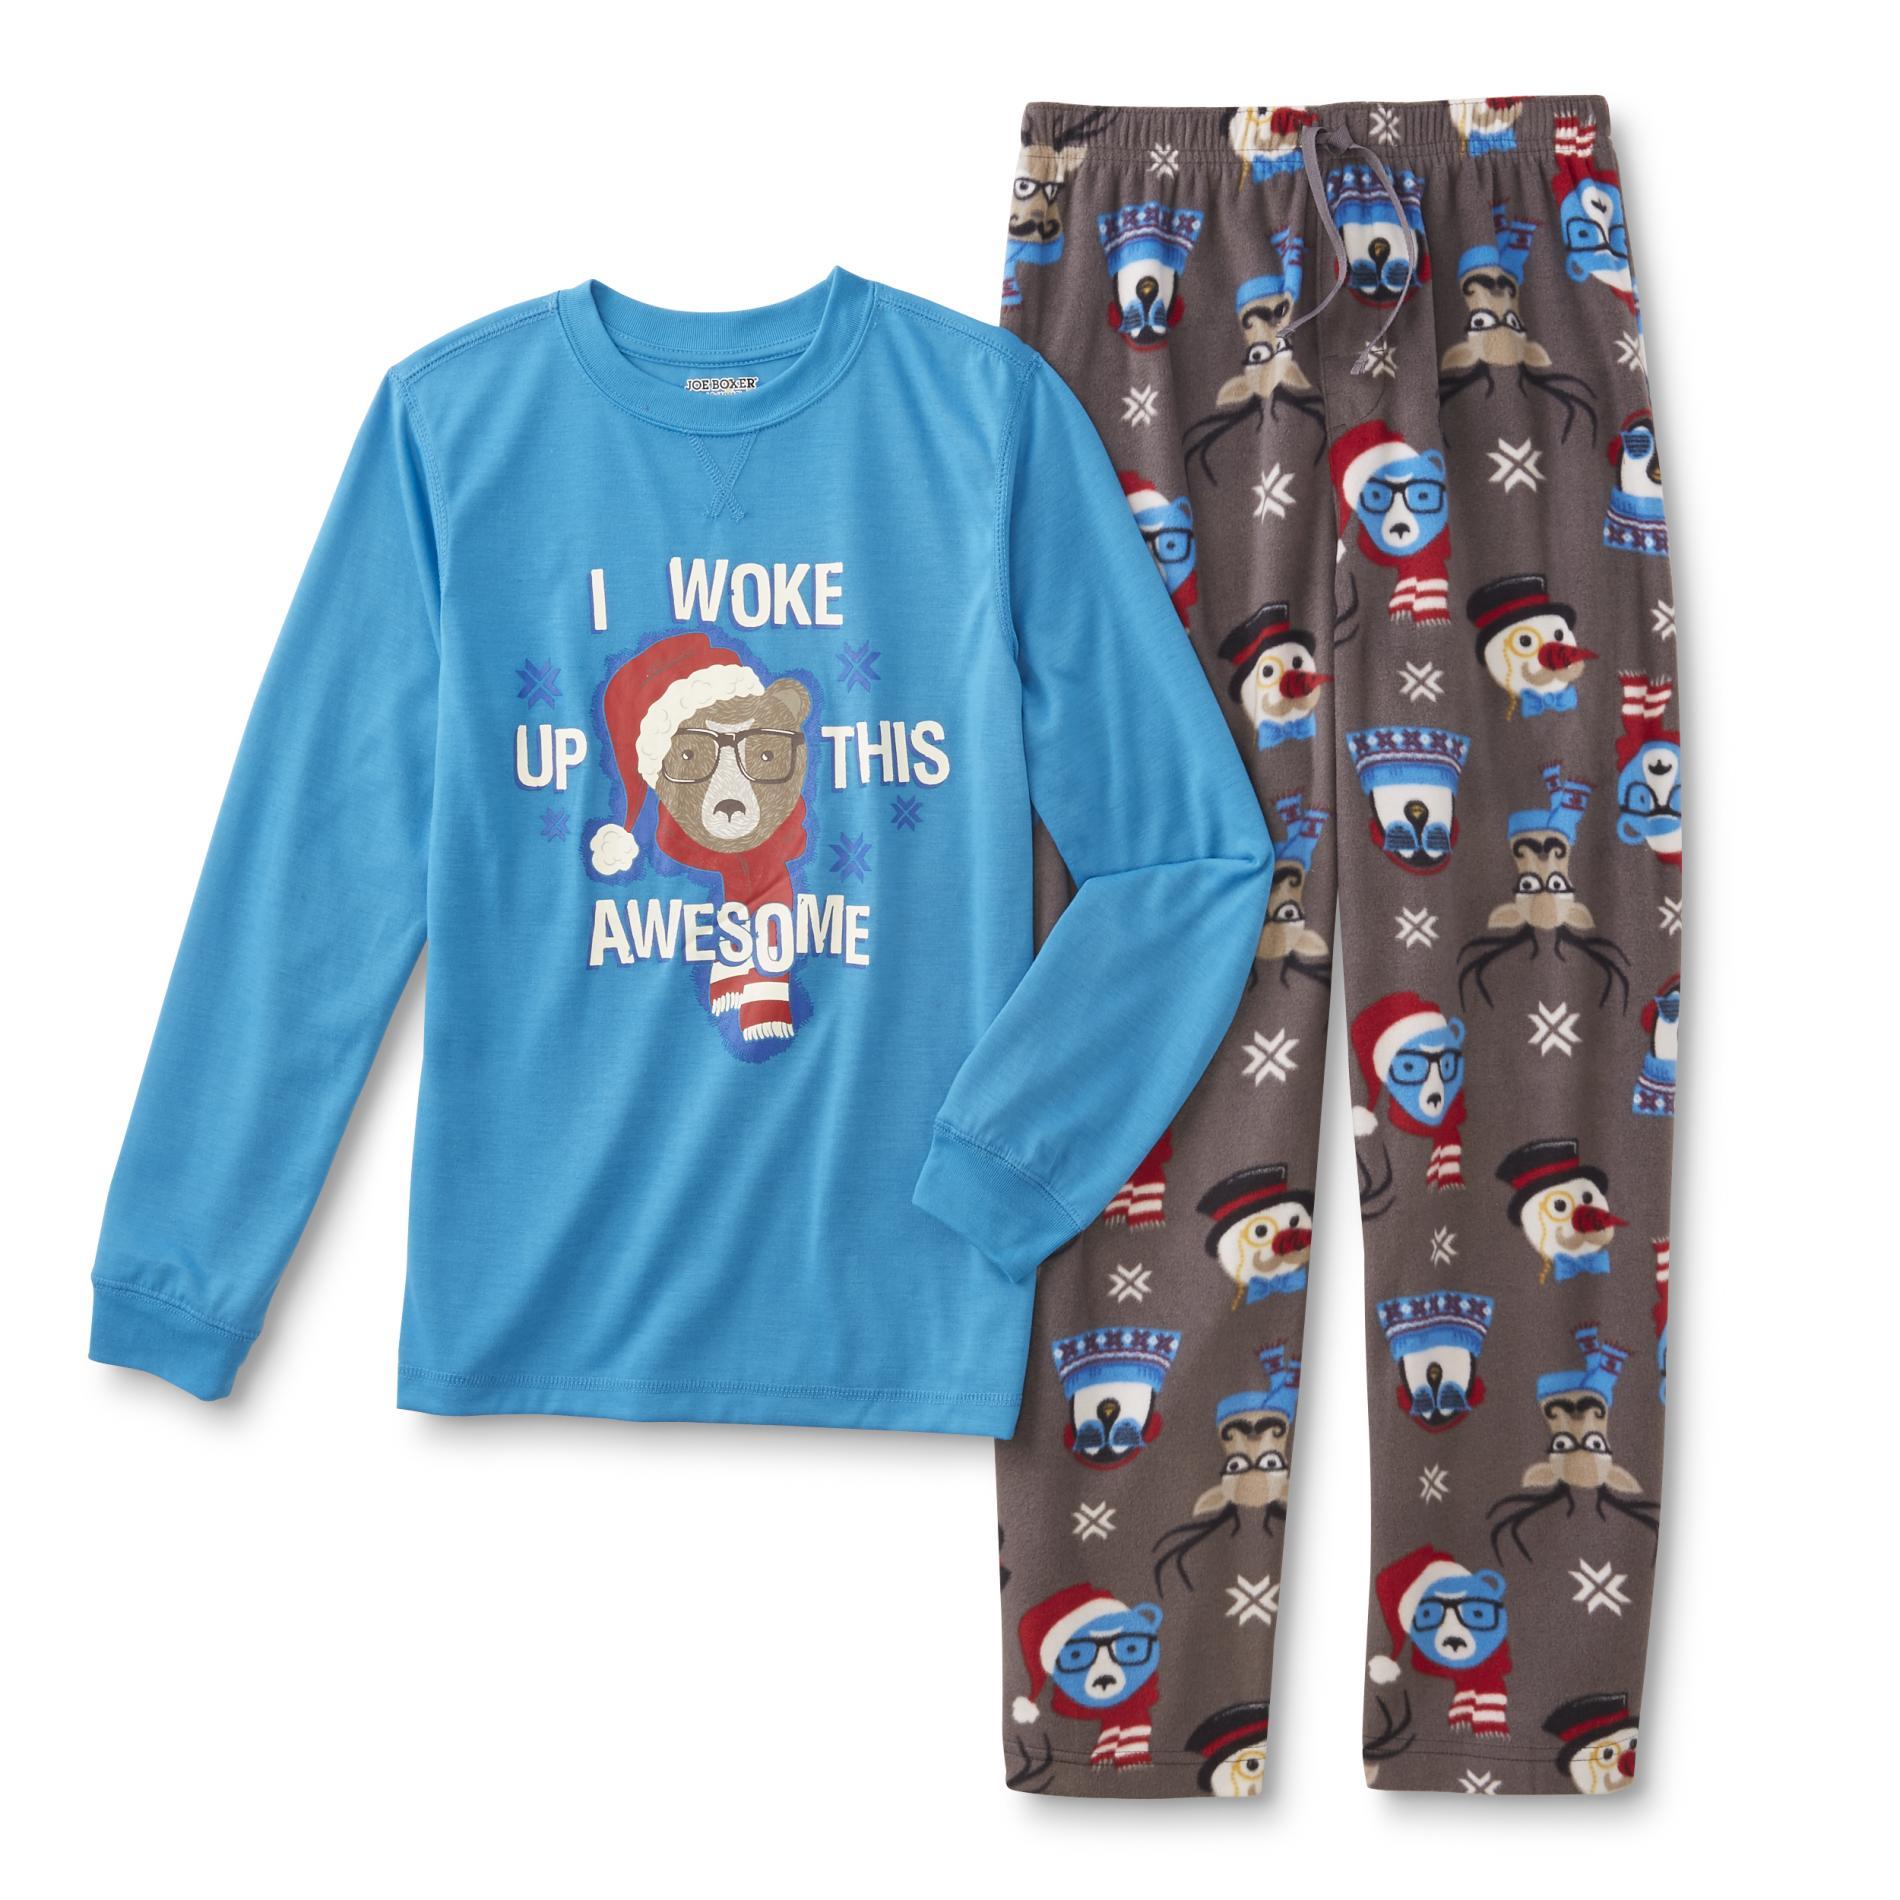 Joe Boxer Boys\' Christmas Pajama Shirt & Pants - Awesome